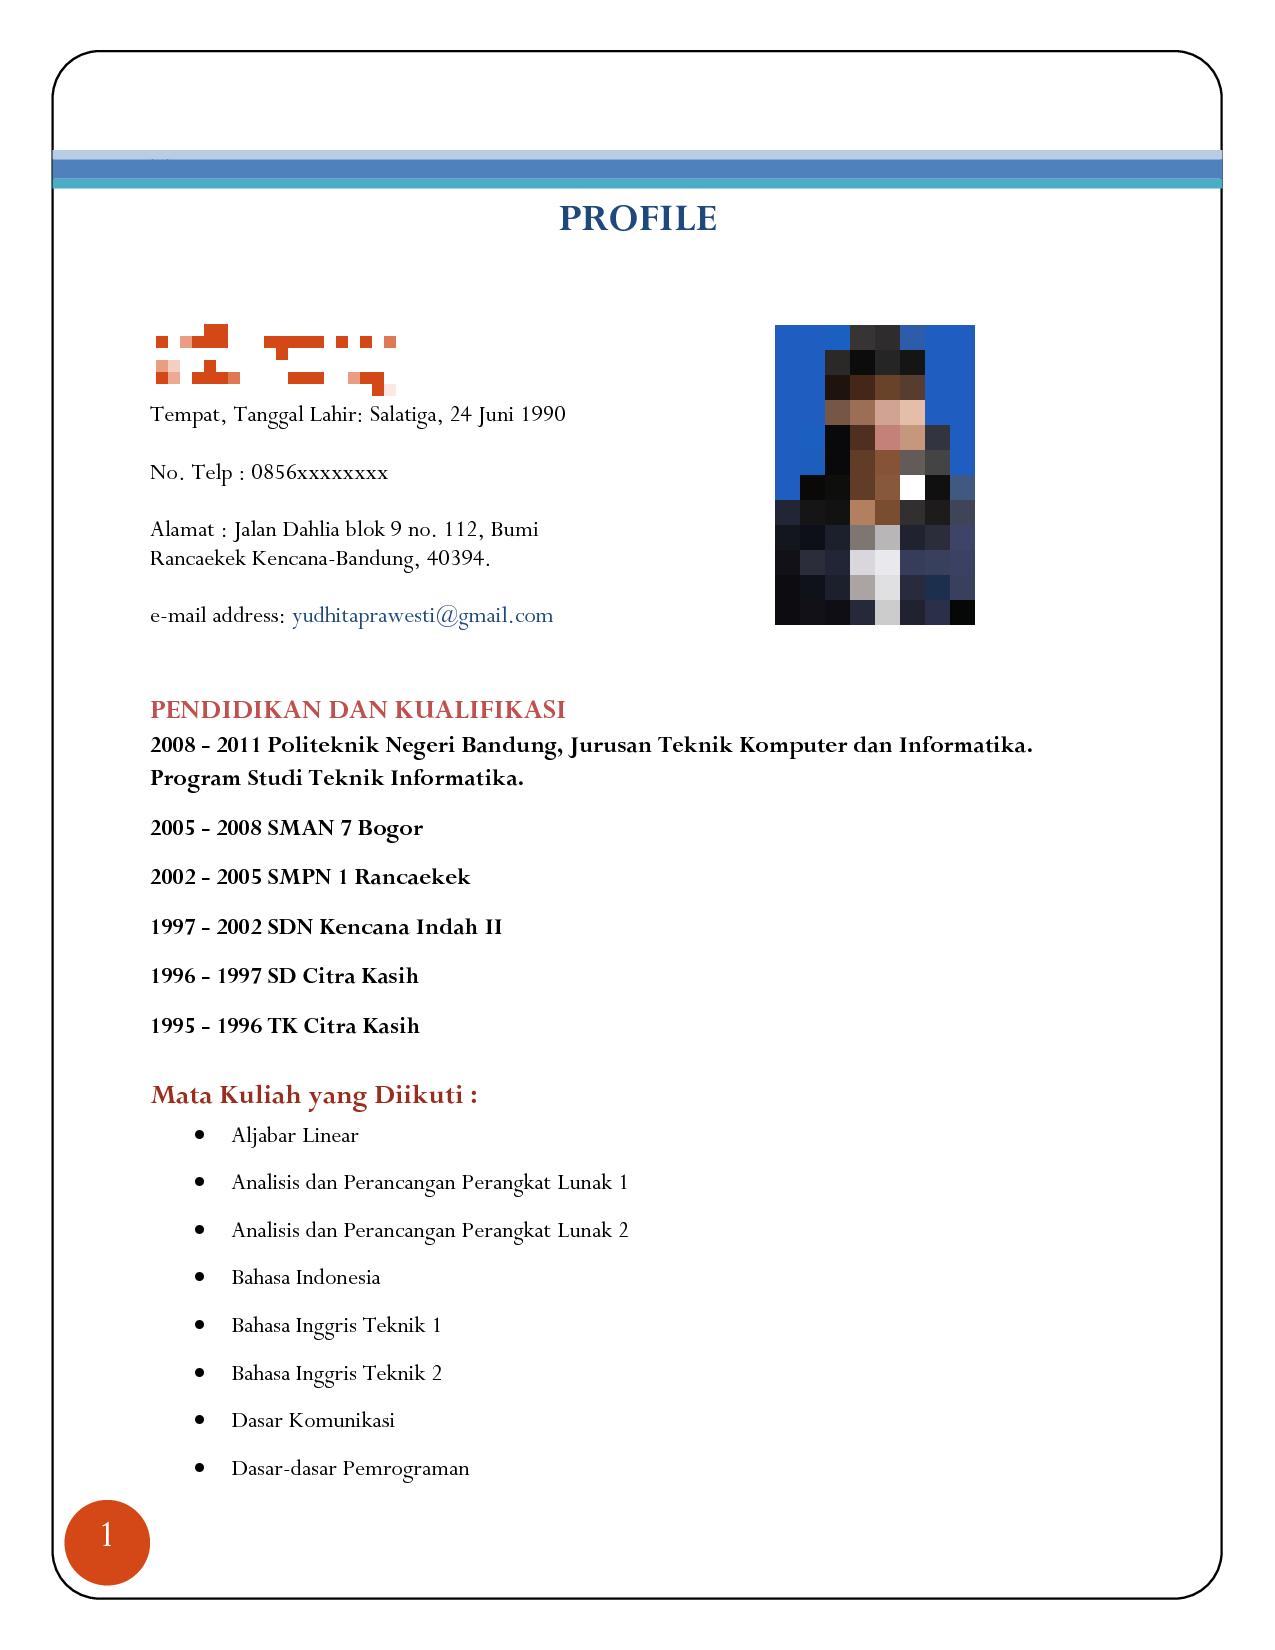 7 Kesalahan Menulis CV Yang Paling Sering Membuat Lamaran